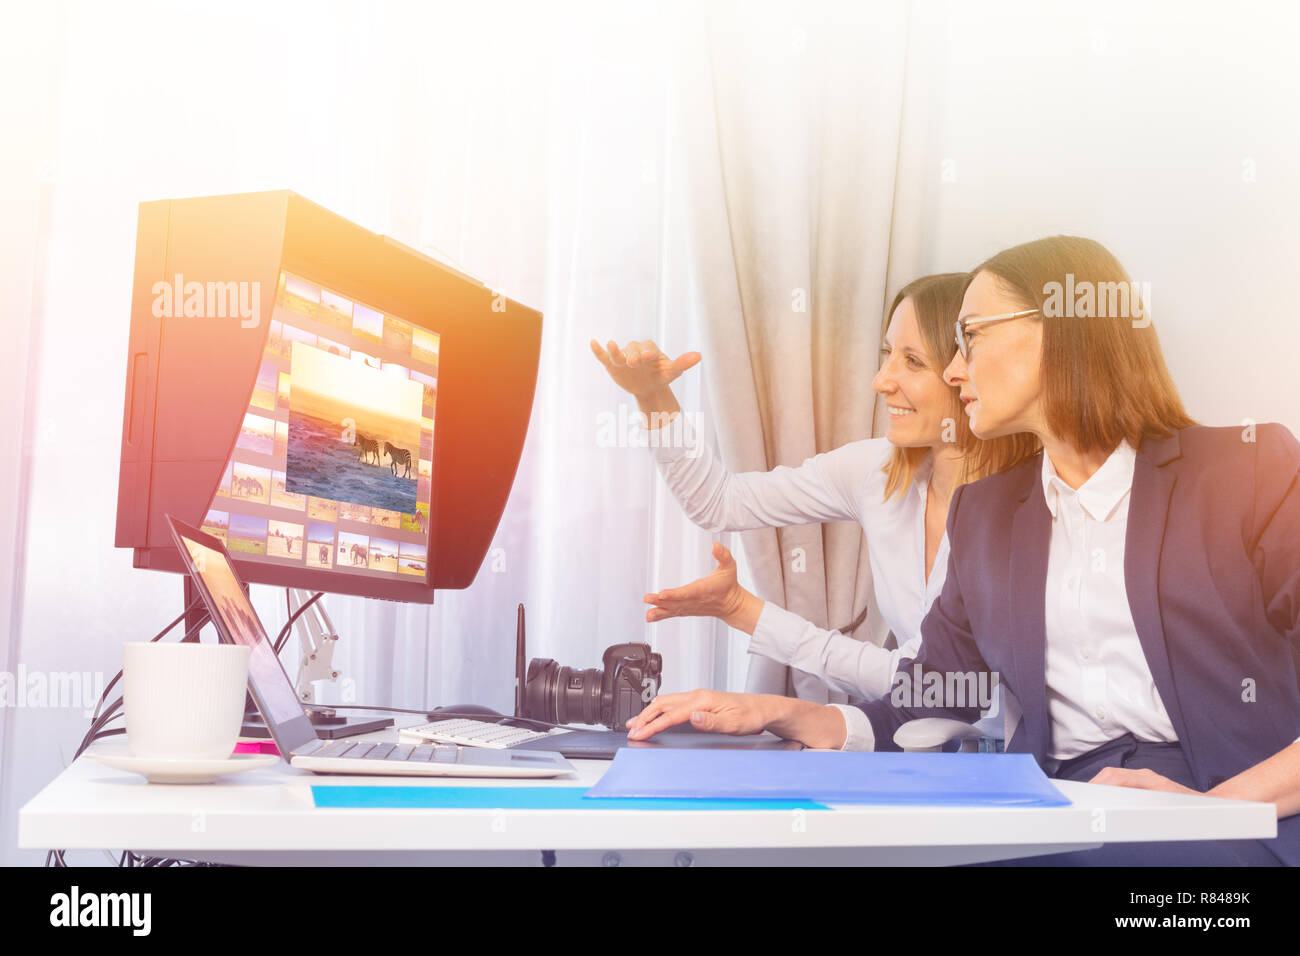 Porträt der Fotografin und Client arbeiten mit Computer, mit Fotosoftware im Büro Stockbild